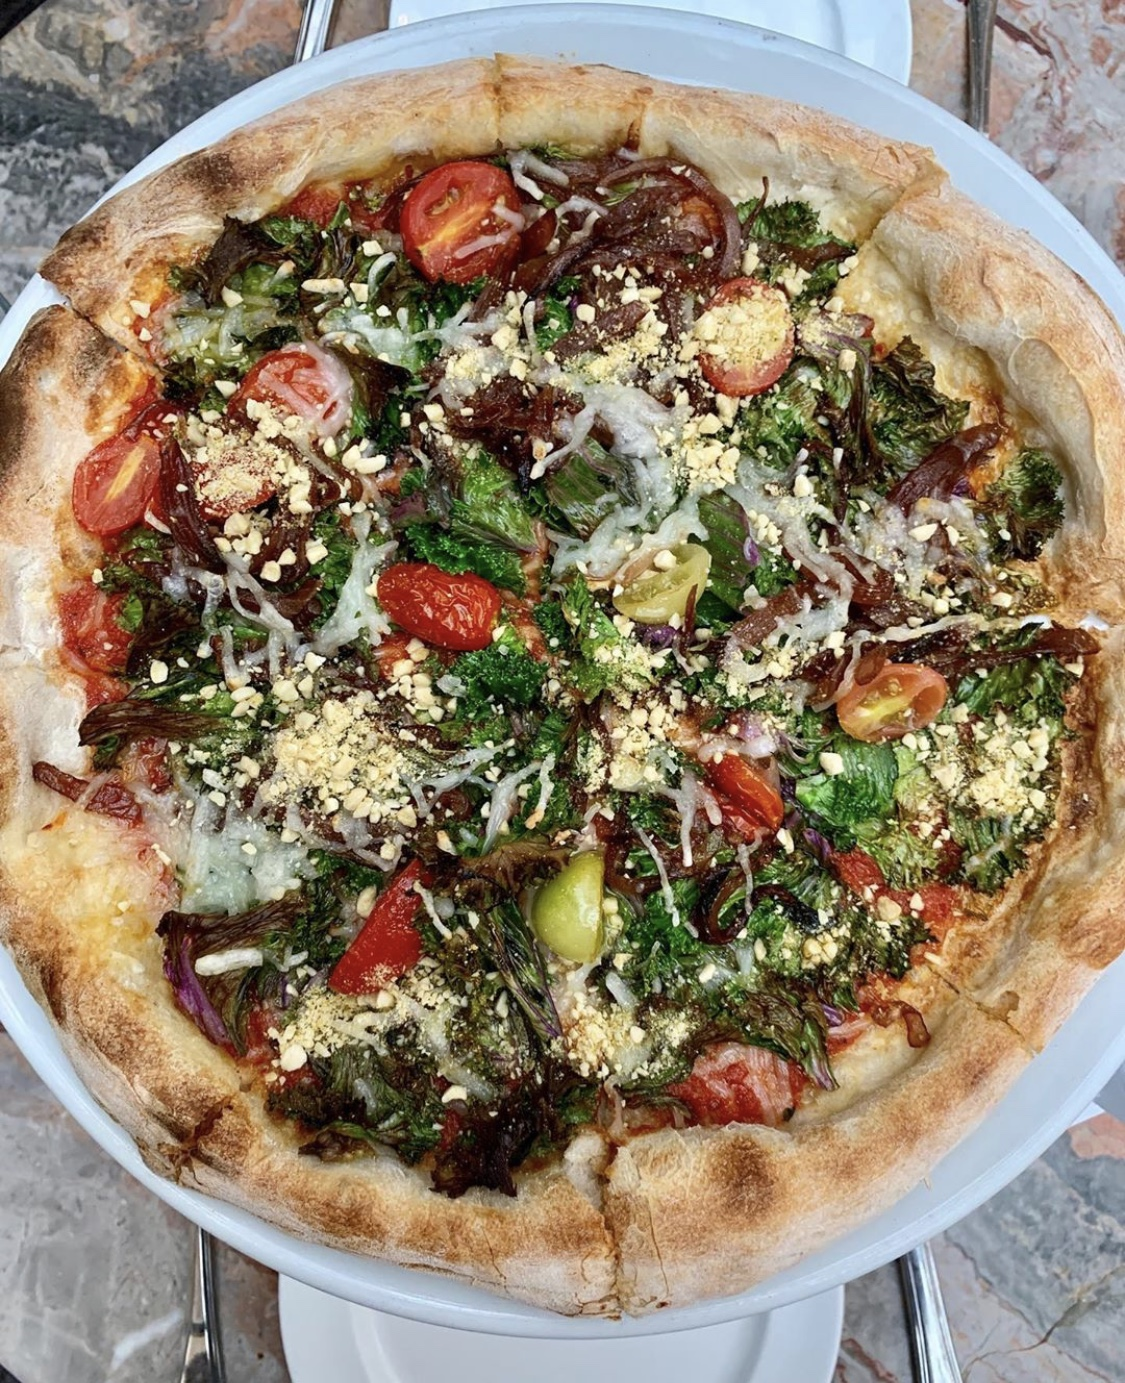 Cecconis Gluten Free Vegan Pizza